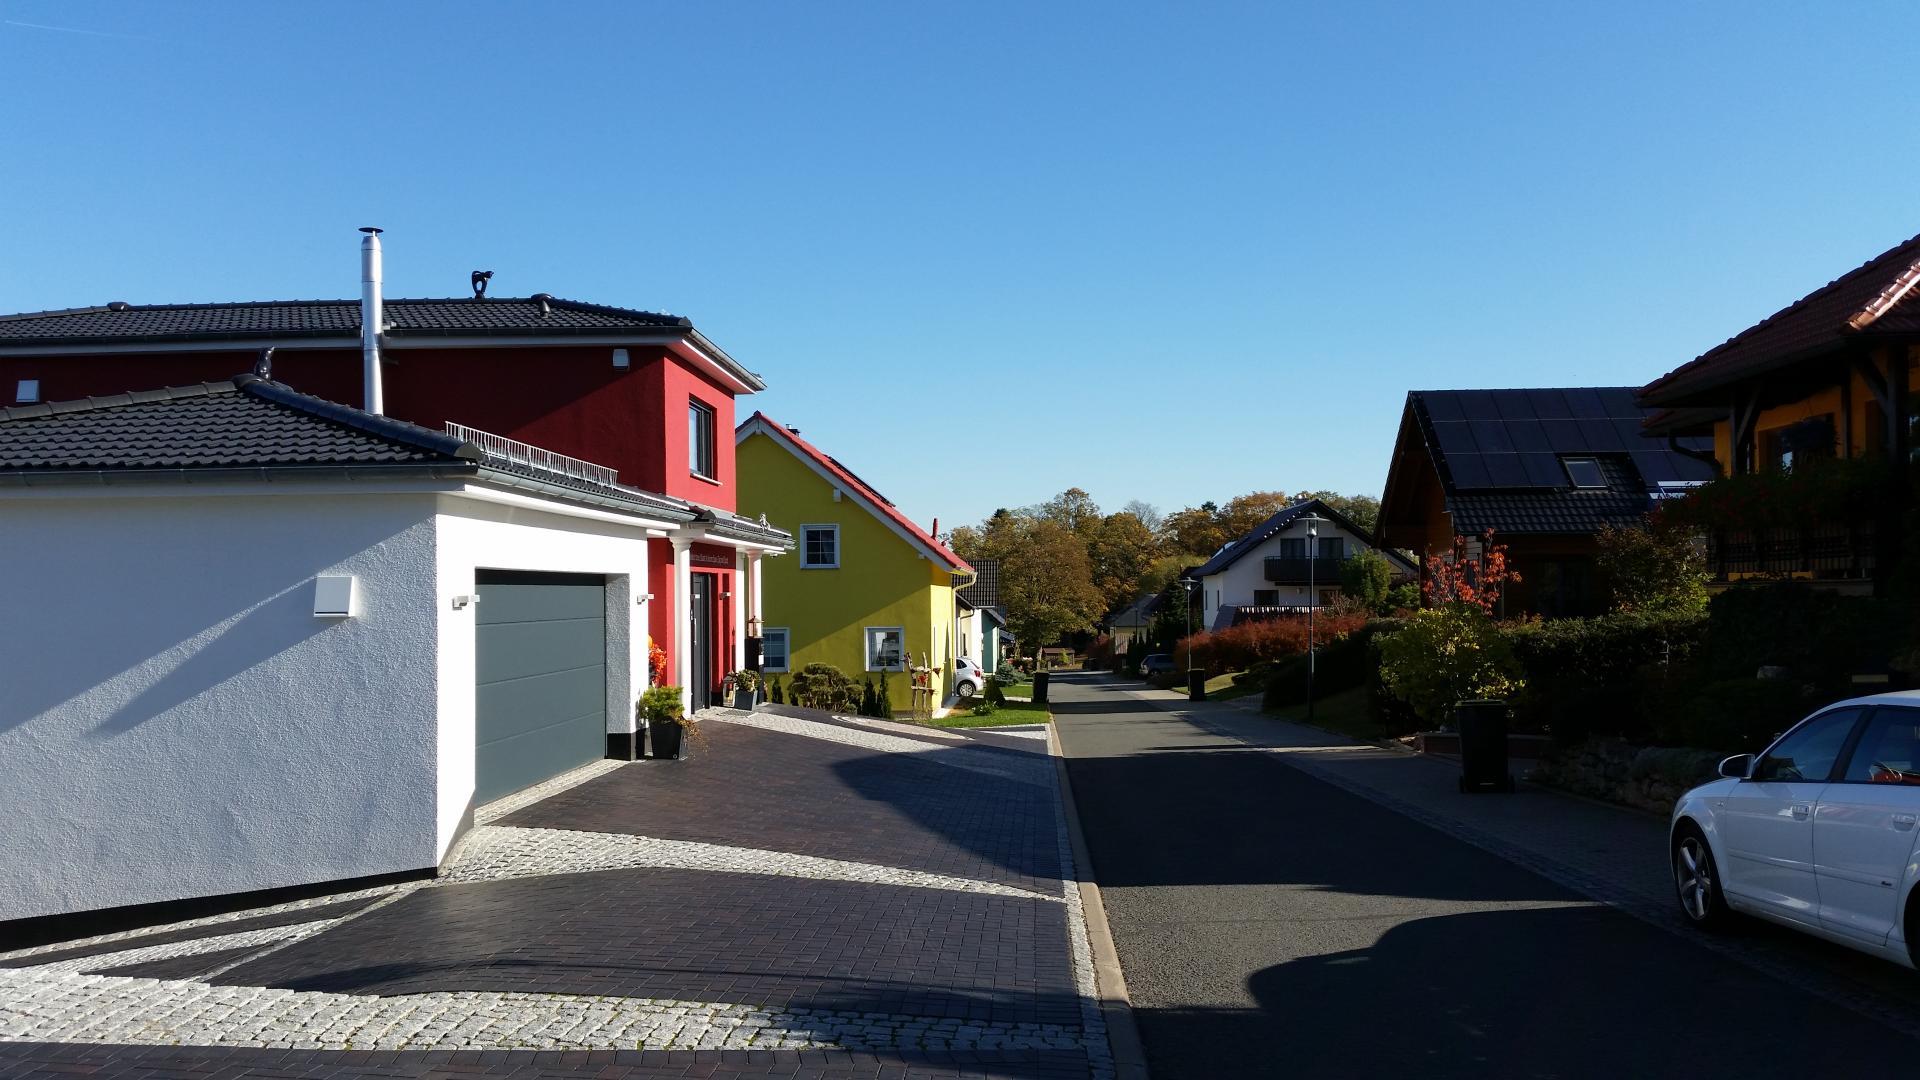 Wohngebiet Großbreitenbach